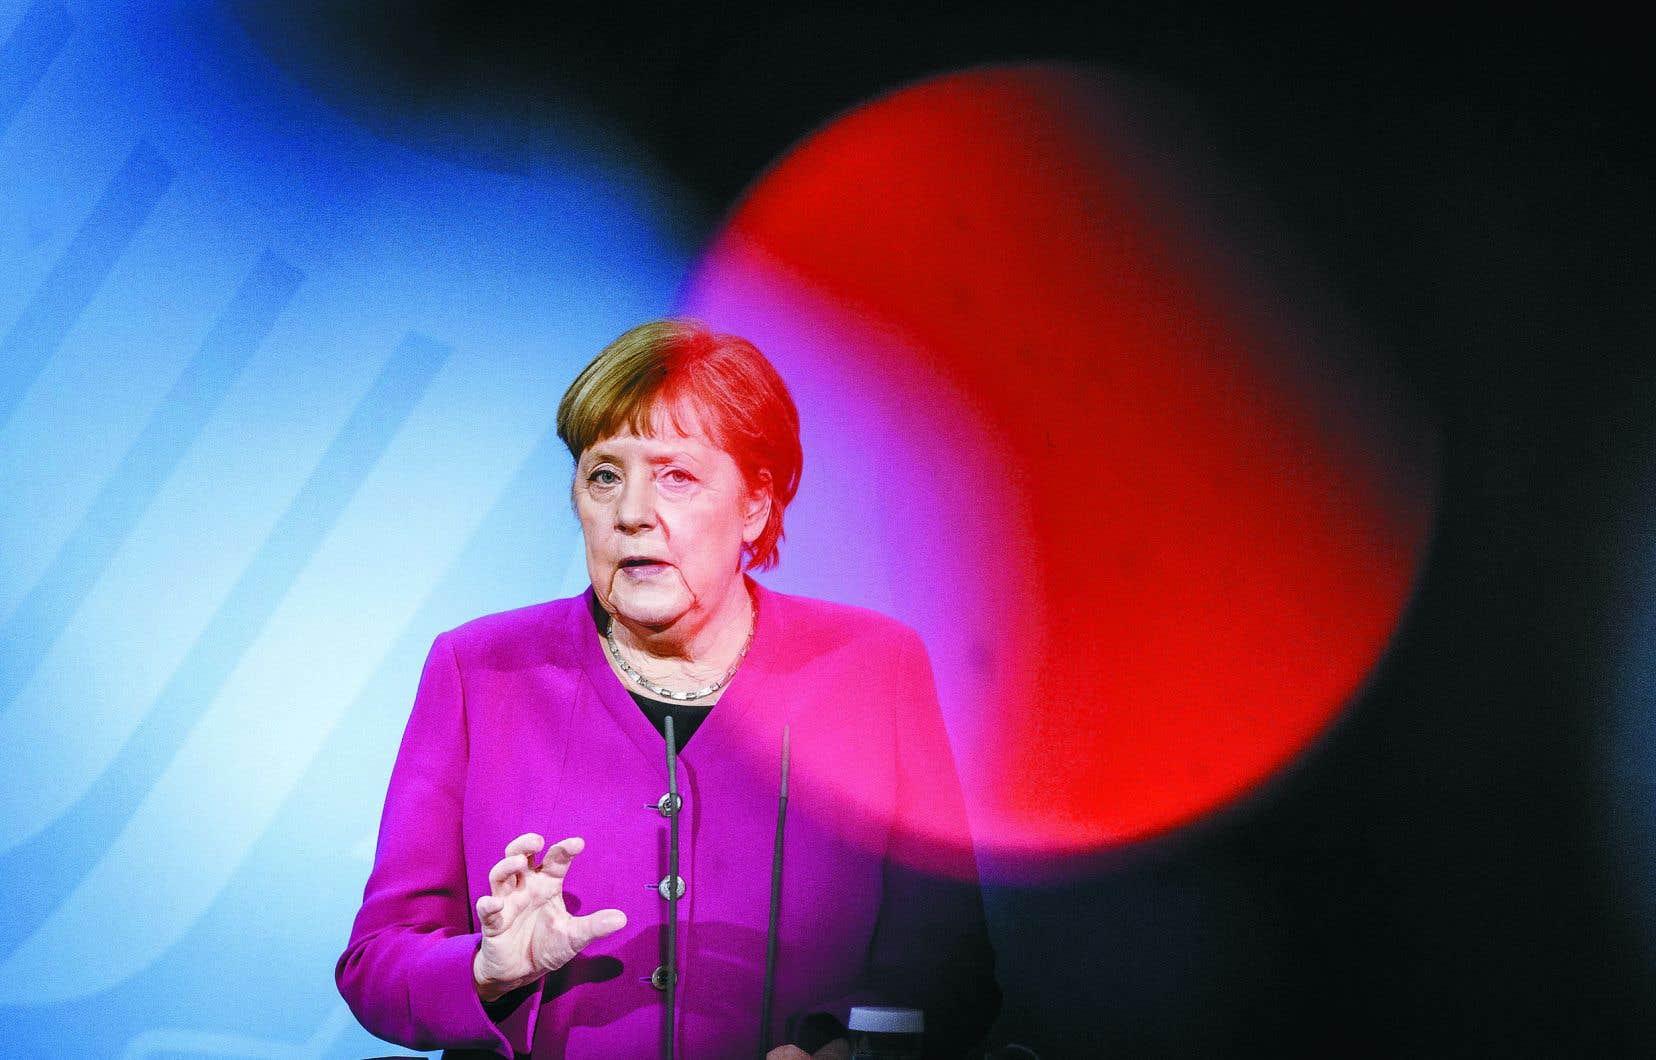 Même si Angela Merkel a été félicitée pour sa capacité à reconnaître ses erreurs, rares sont ceux qui croient que sa volte-face concernant l'imposition d'un confinement strict pour Pâques mettra fin au chemin de croix que connaît son parti, la CDU.